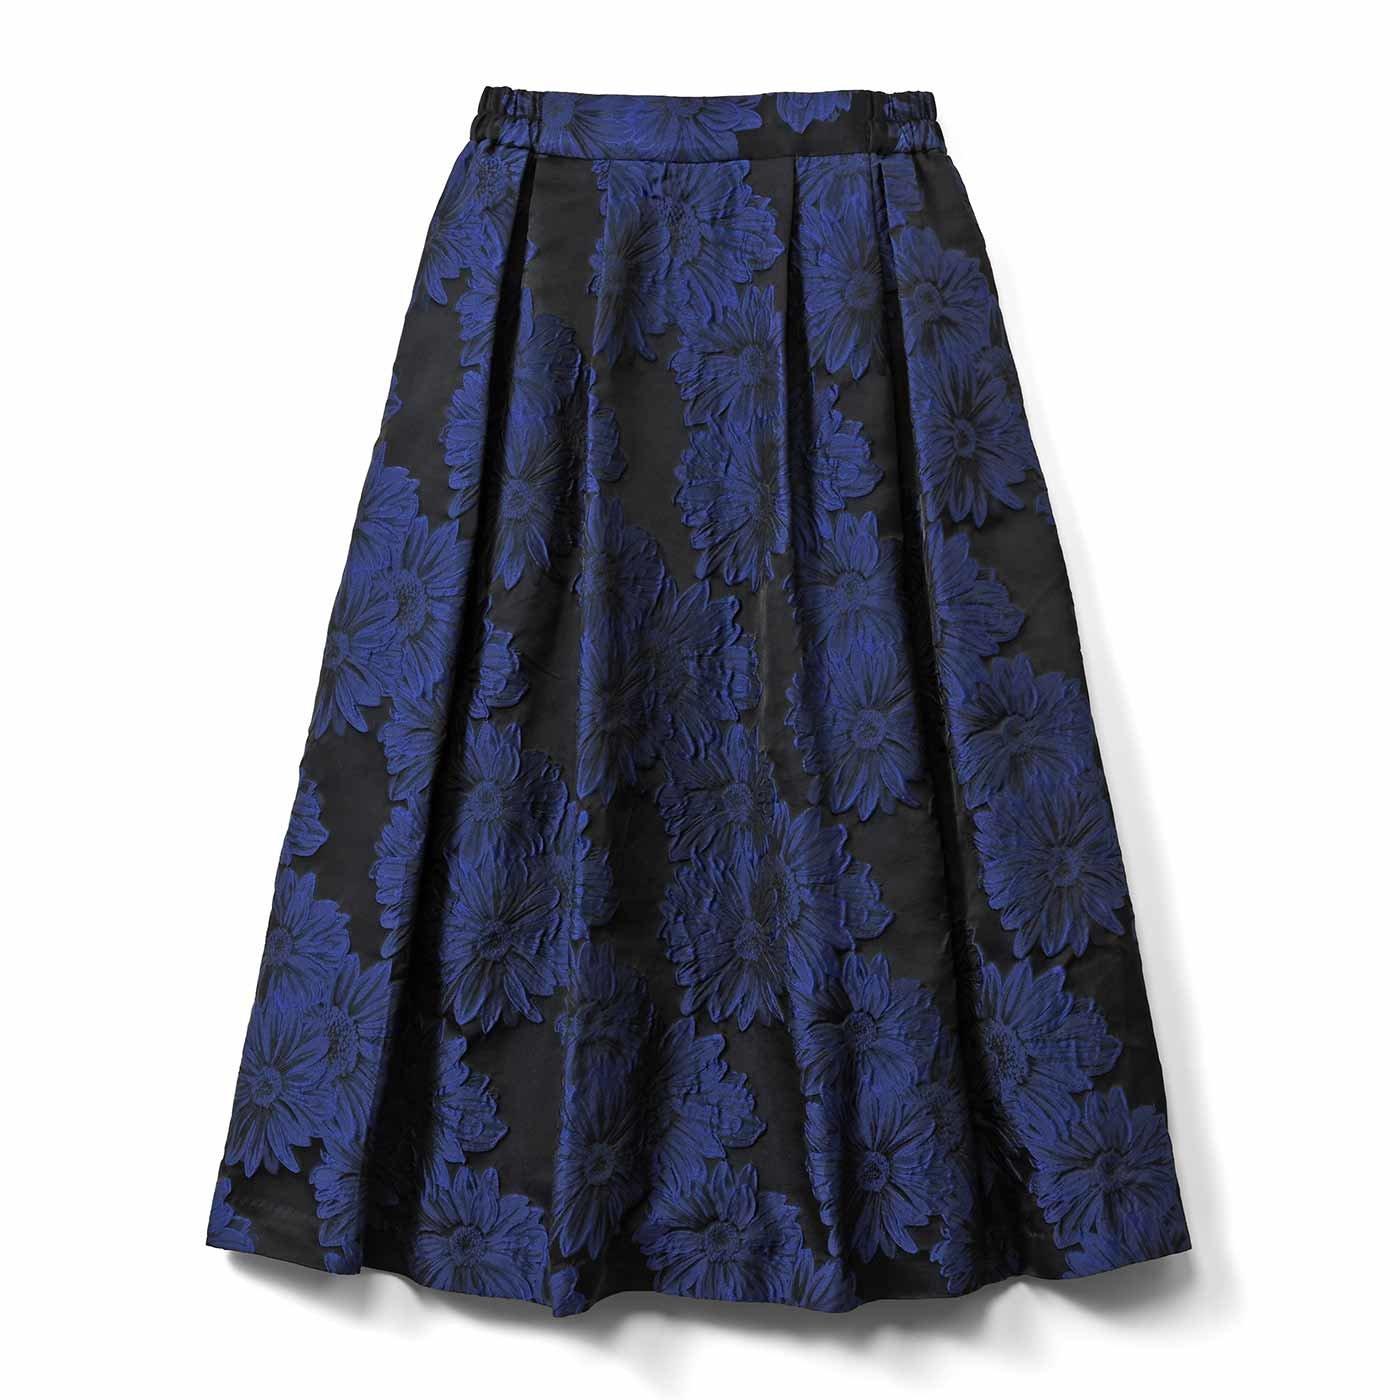 IEDIT[イディット] あったかインナーパンツ付き 華やぎジャカードスカート〈ブルー〉